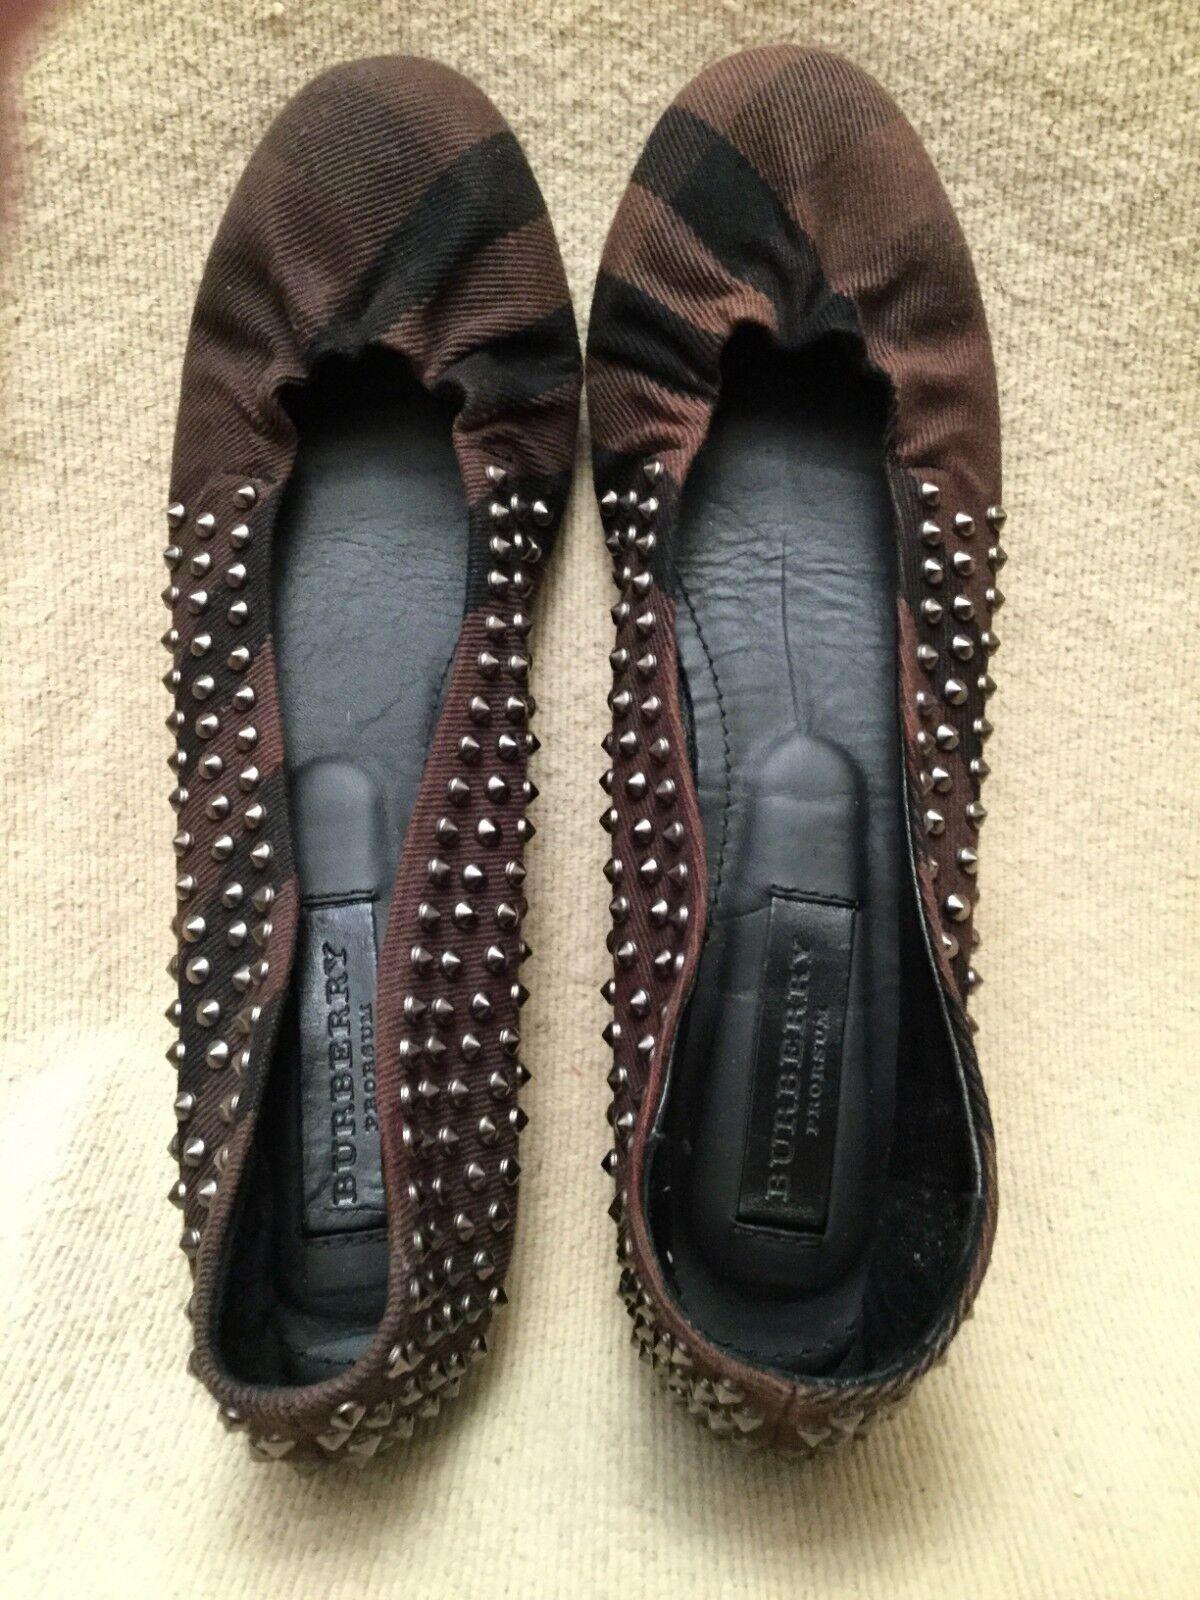 BURBERRY Prorsum Ballet Flats shoes Sz 38 – 7.5M Black & Brown Leather Sole EUC